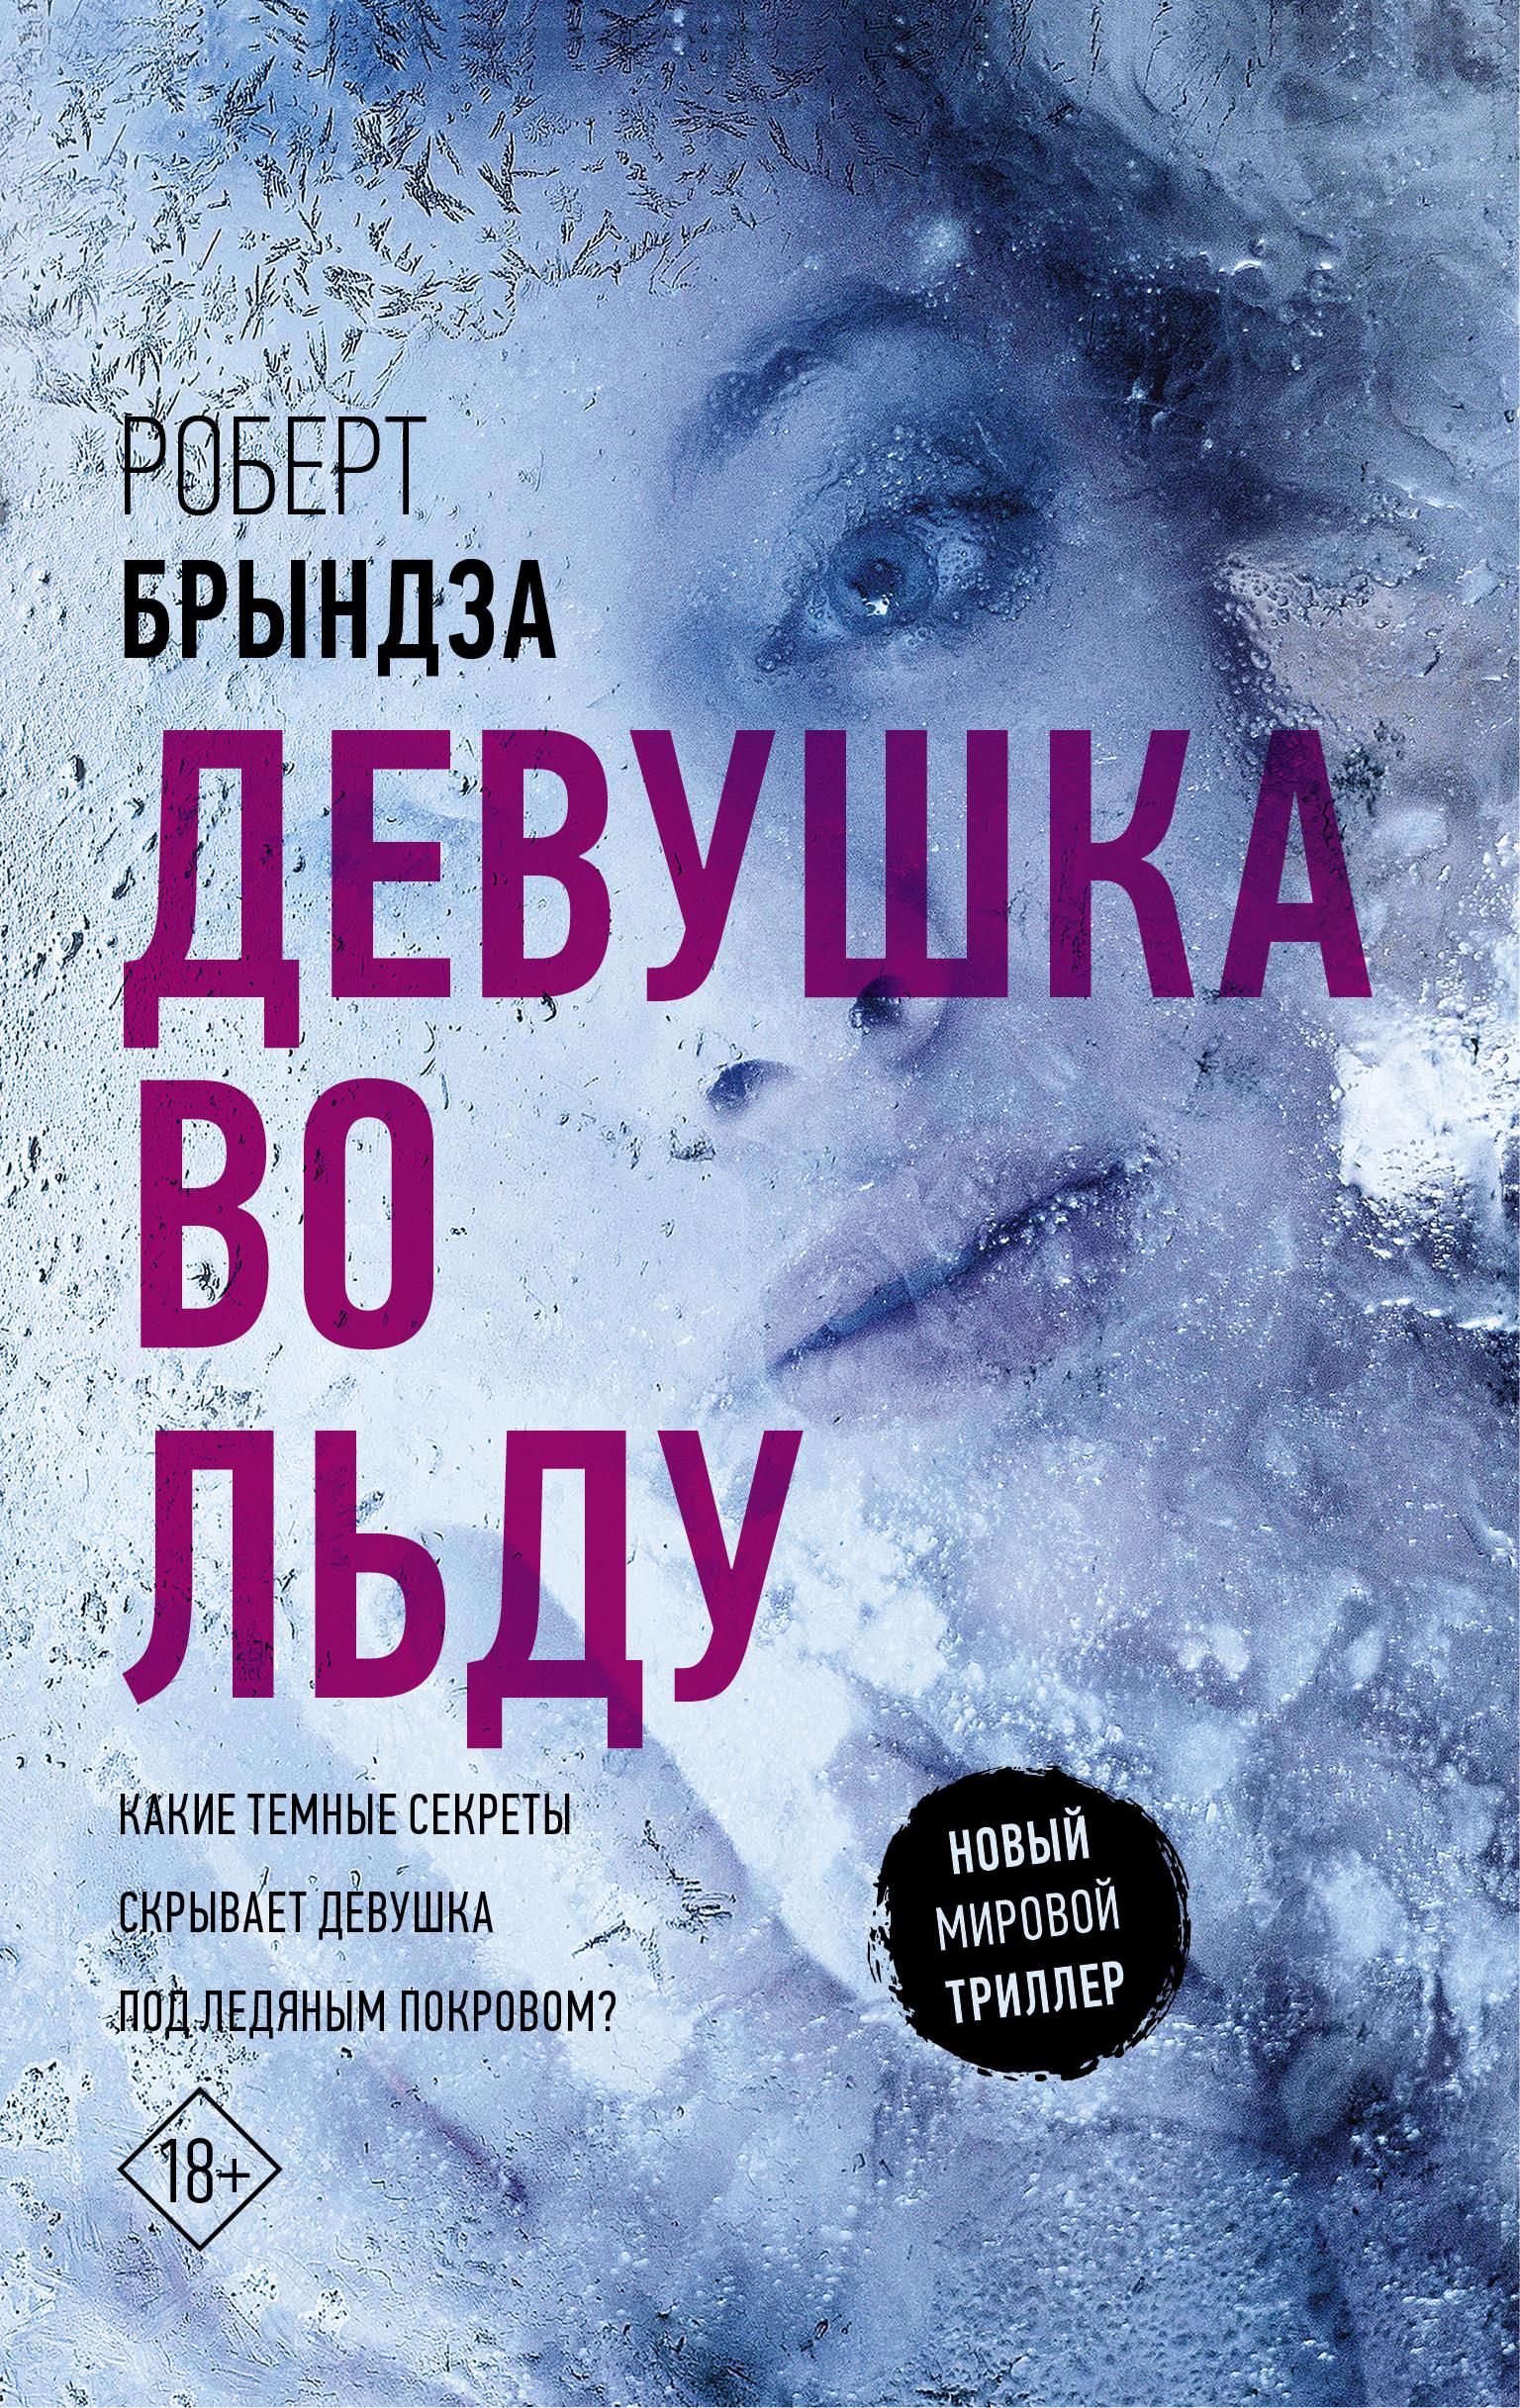 Роберт Брындза Девушка во льду